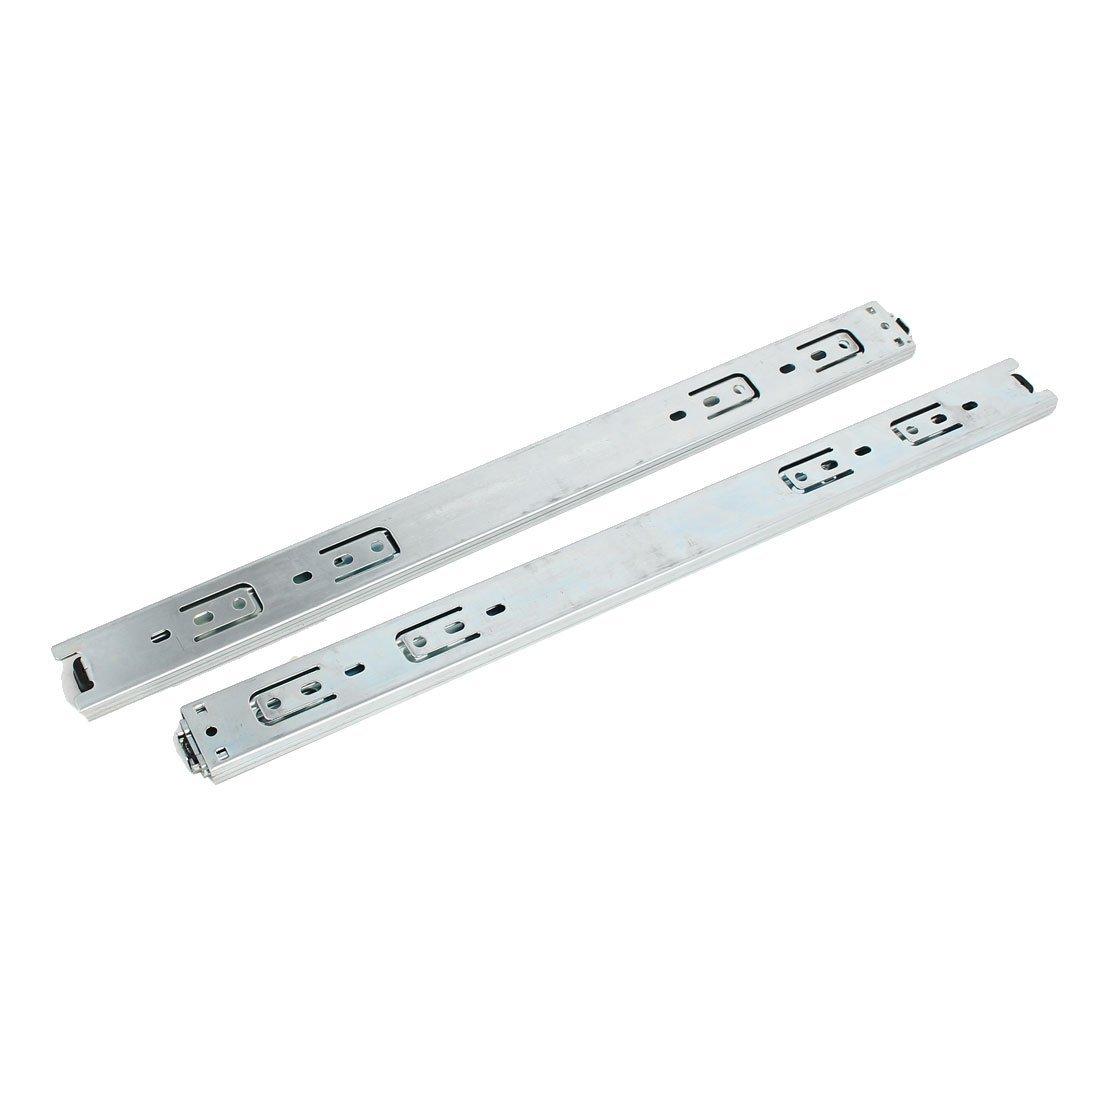 eDealMax 18 pulgadas Longitud 35 mm Anchura 3-Sección cojinete de bolas Cajones tono de plata 2pcs - - Amazon.com